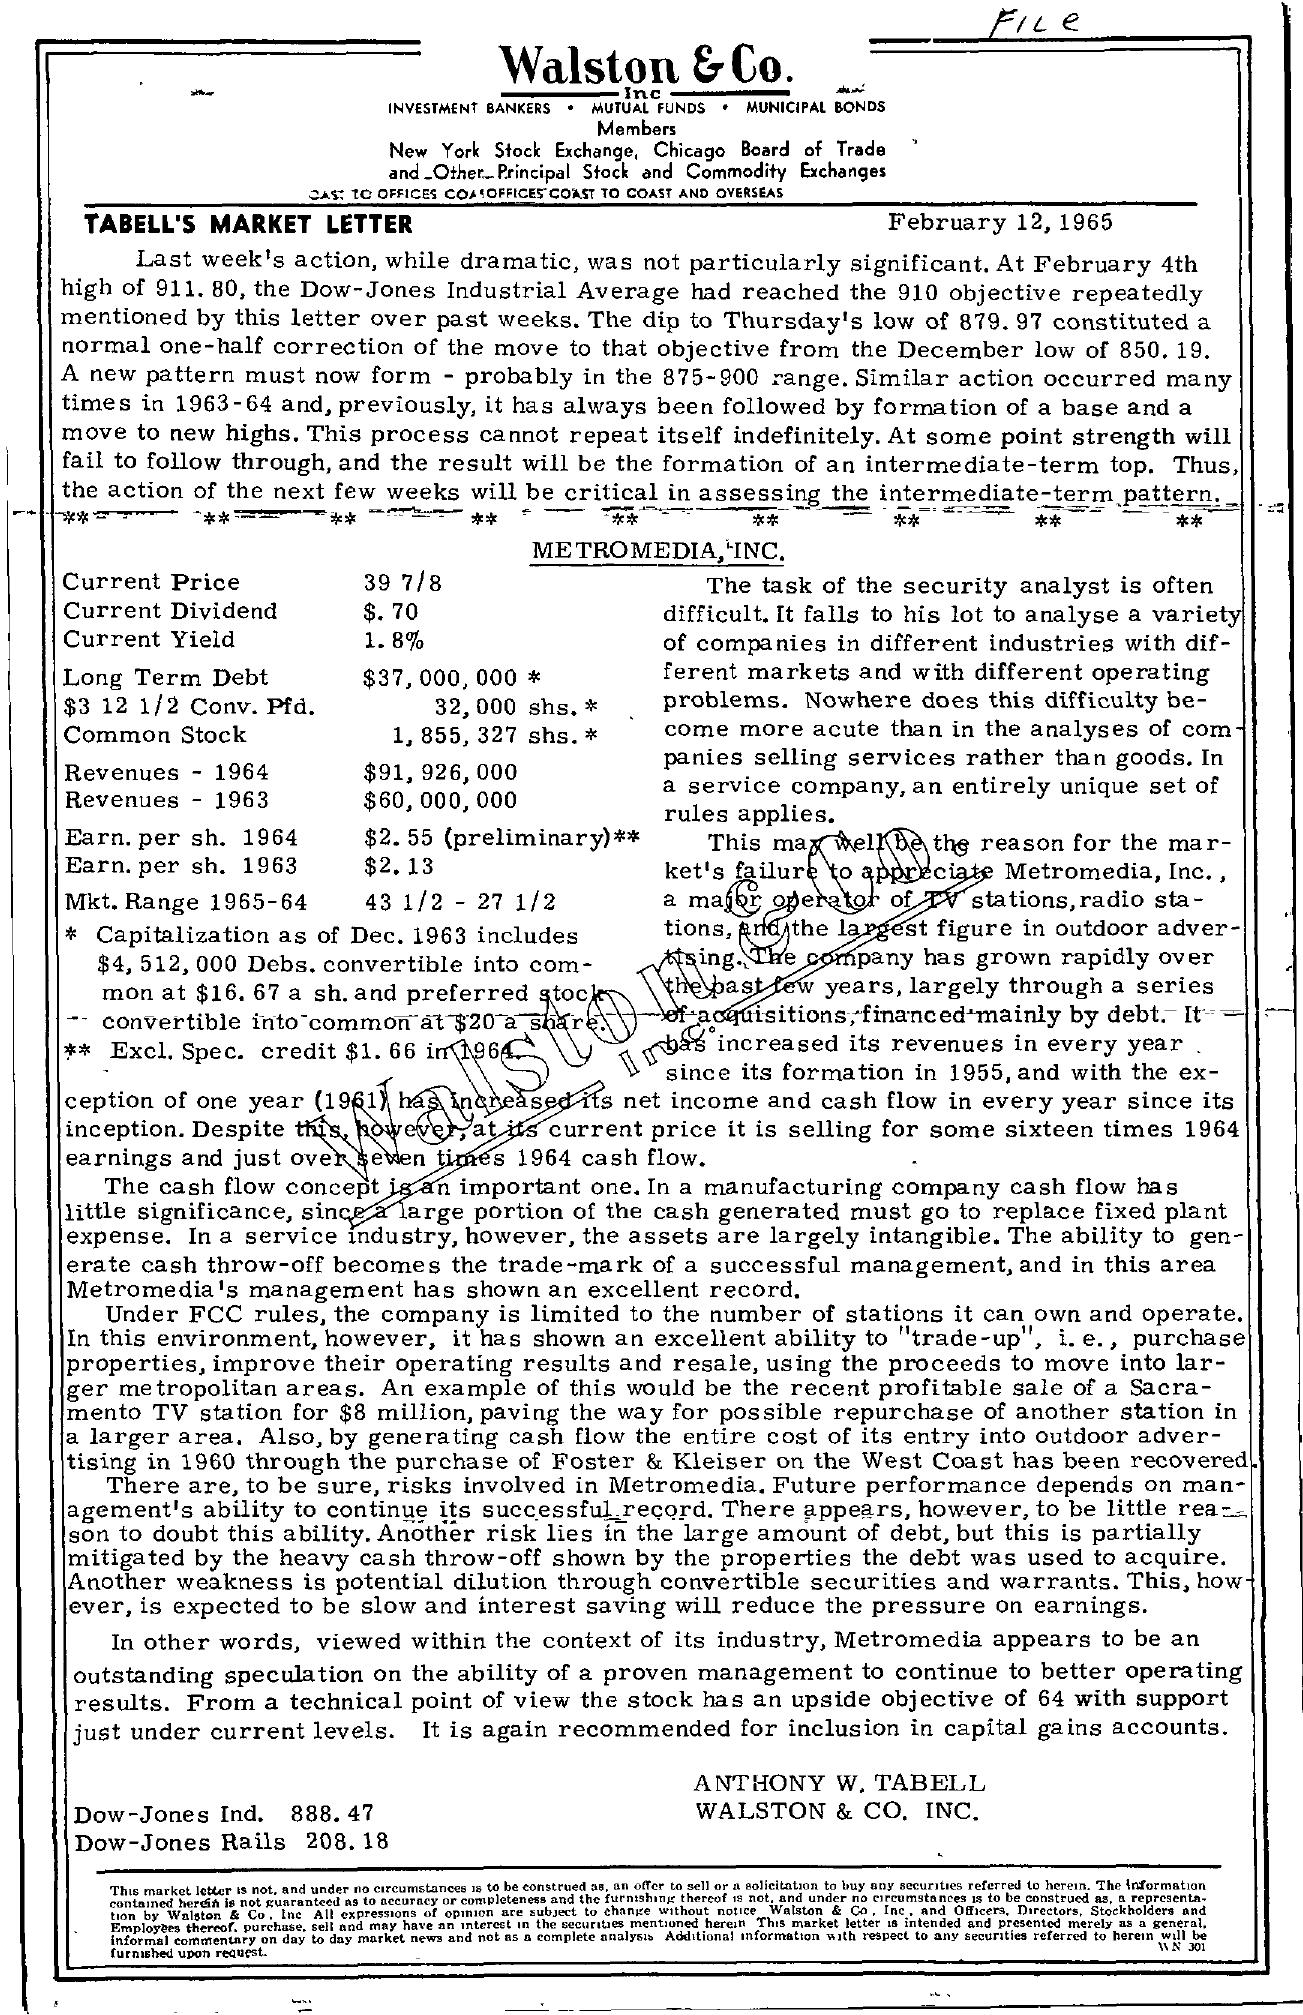 Tabell's Market Letter - February 12, 1965